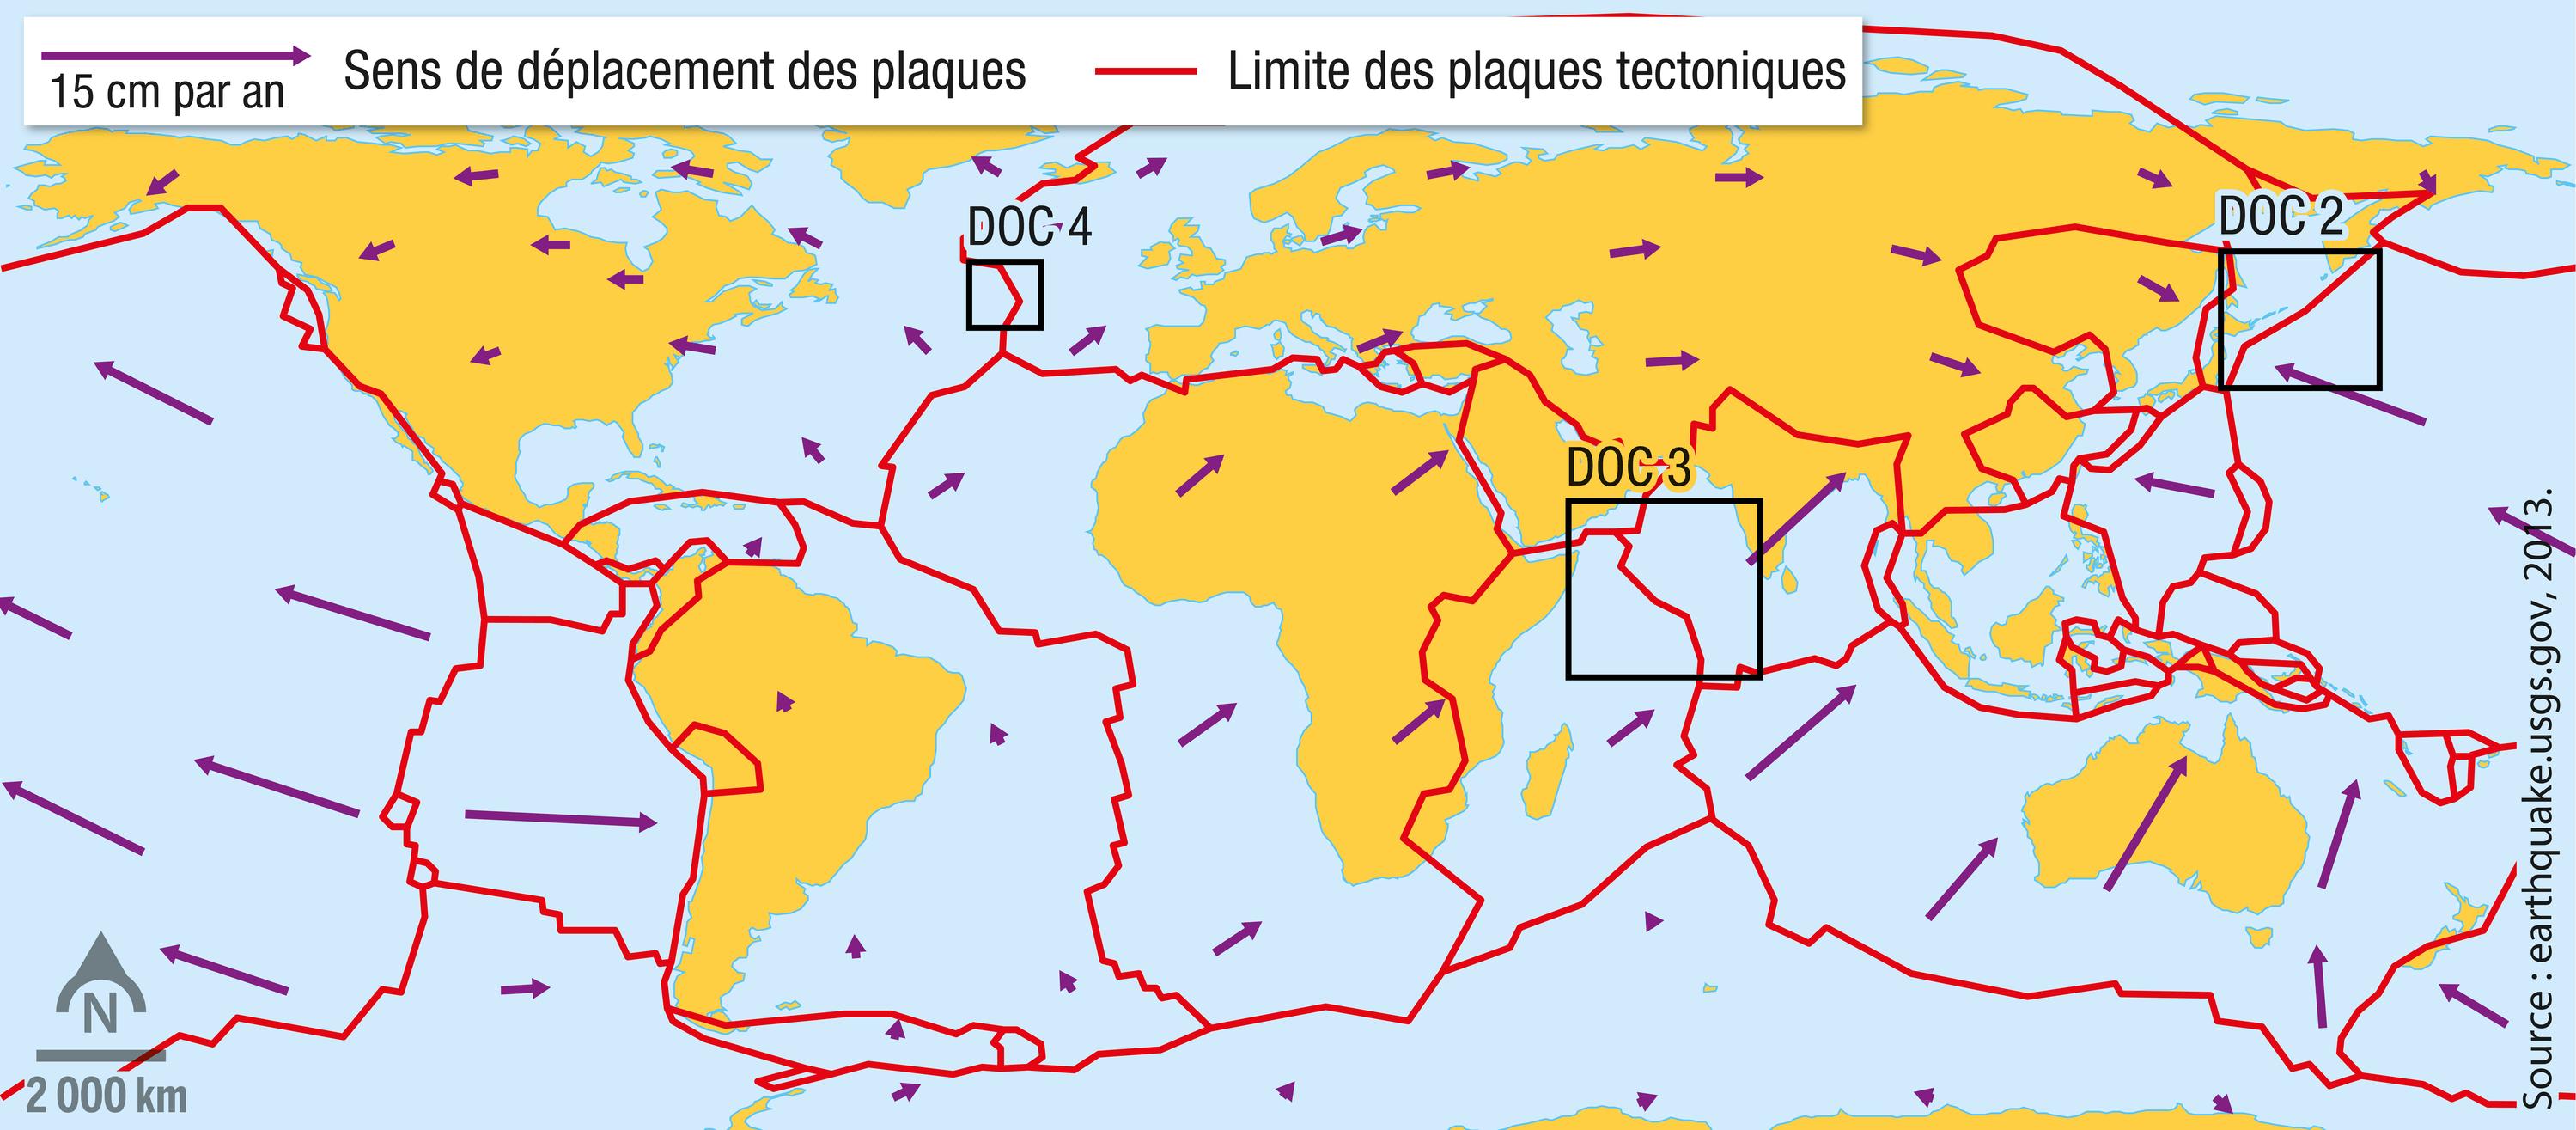 Les sens de déplacement des plaques tectoniques à partir des données GPS.